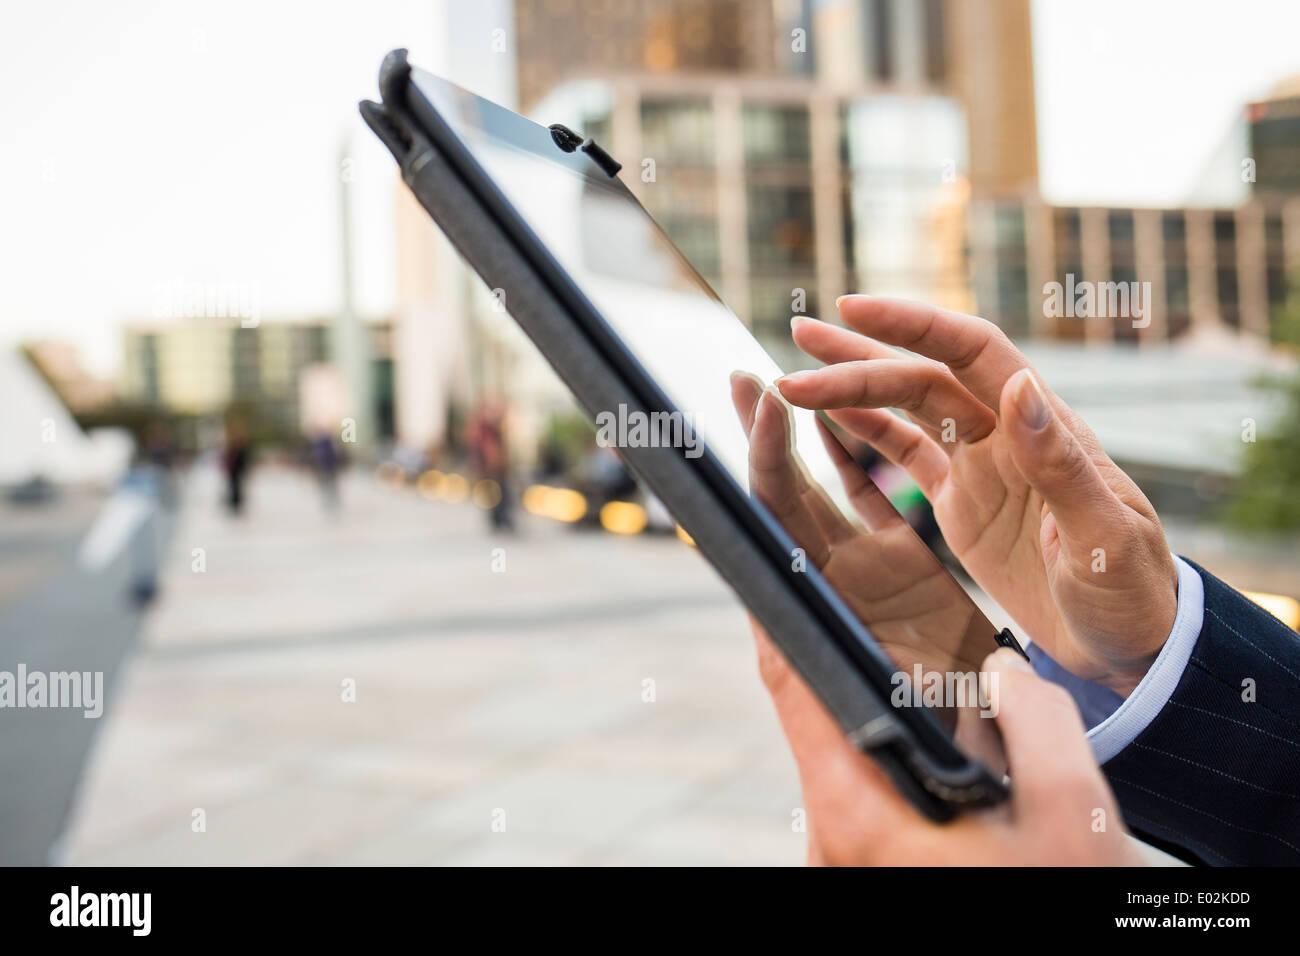 Tablette numérique femelle côté bâtiment extérieur Photo Stock